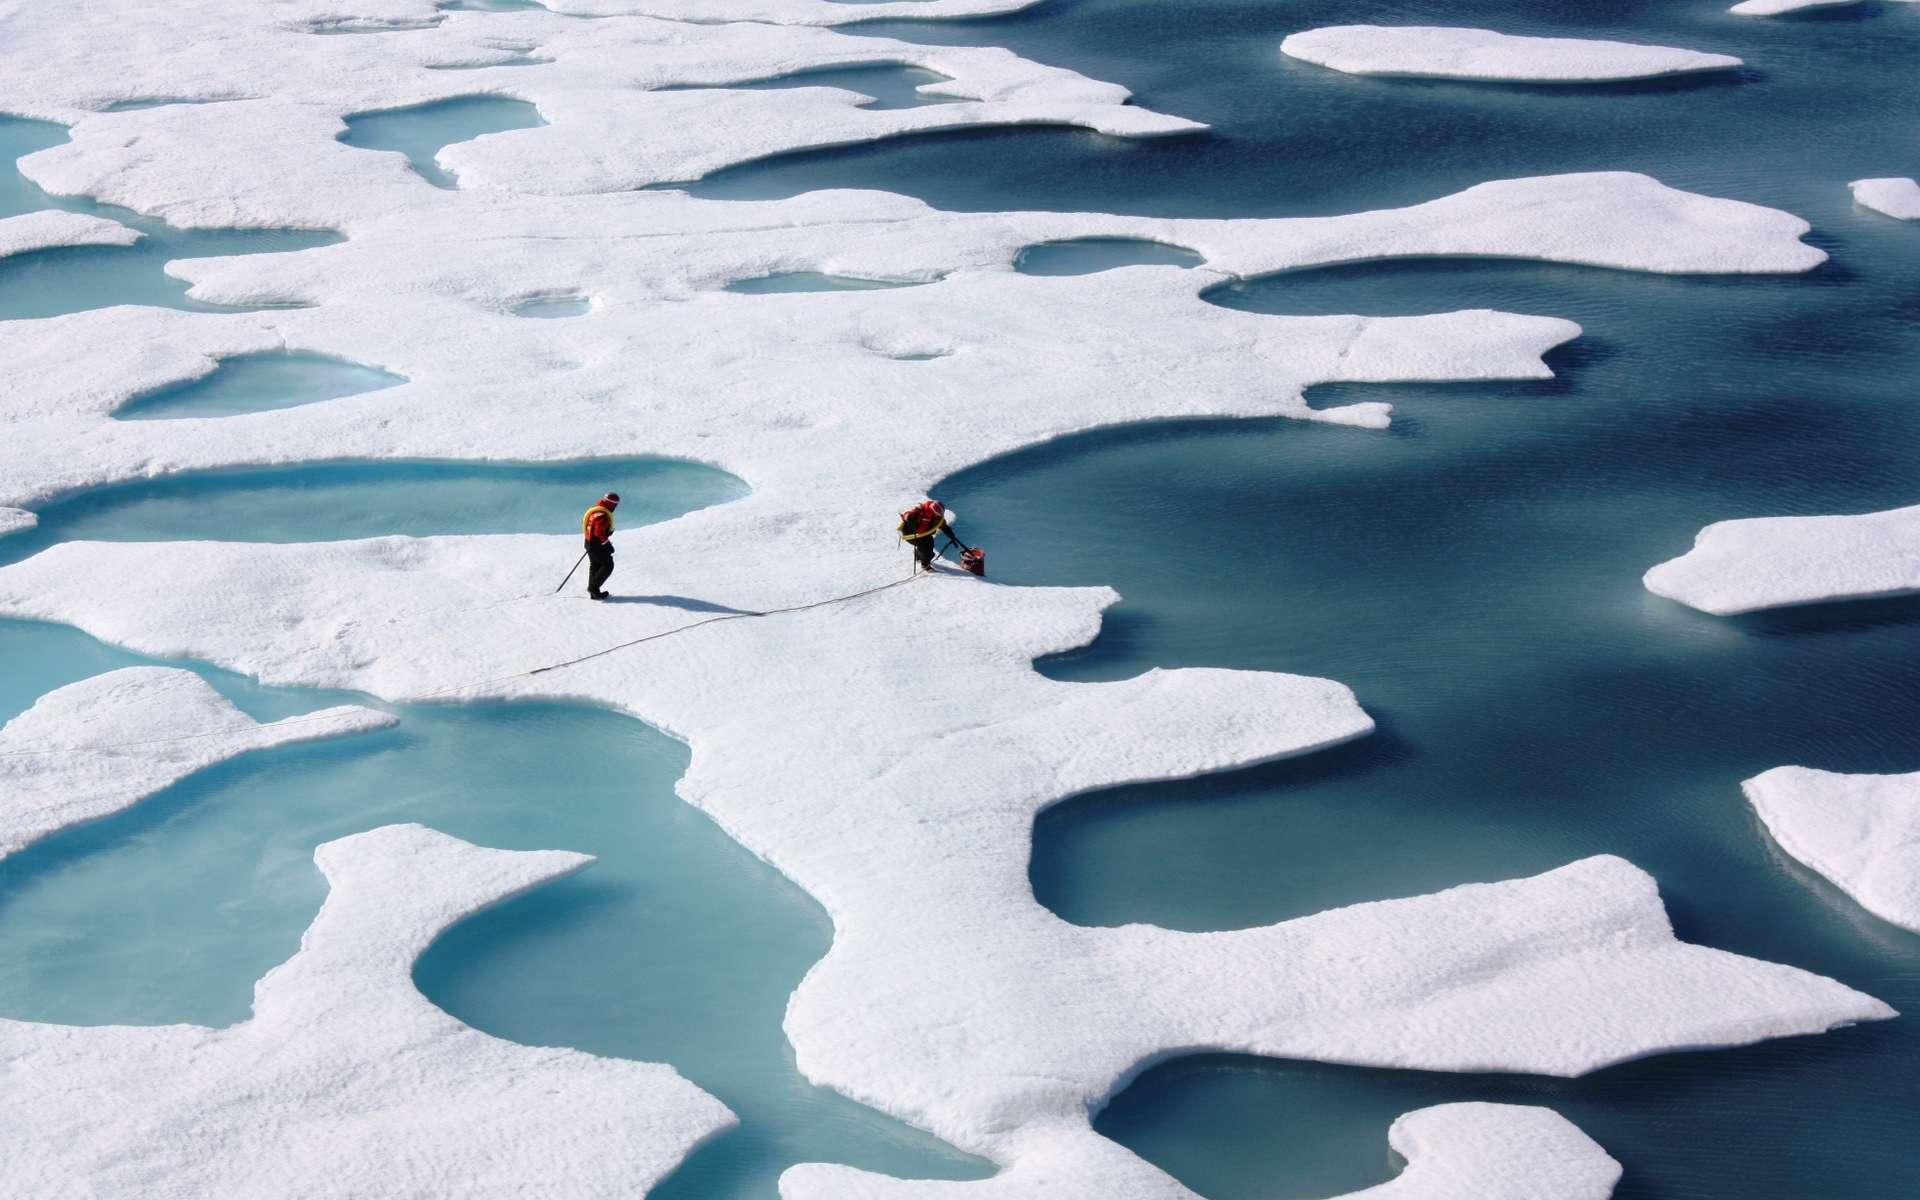 En Arctique, les scientifiques étudient la fonte des glaces. Le phénomène influe sur la rotation de la Terre. © Nasa